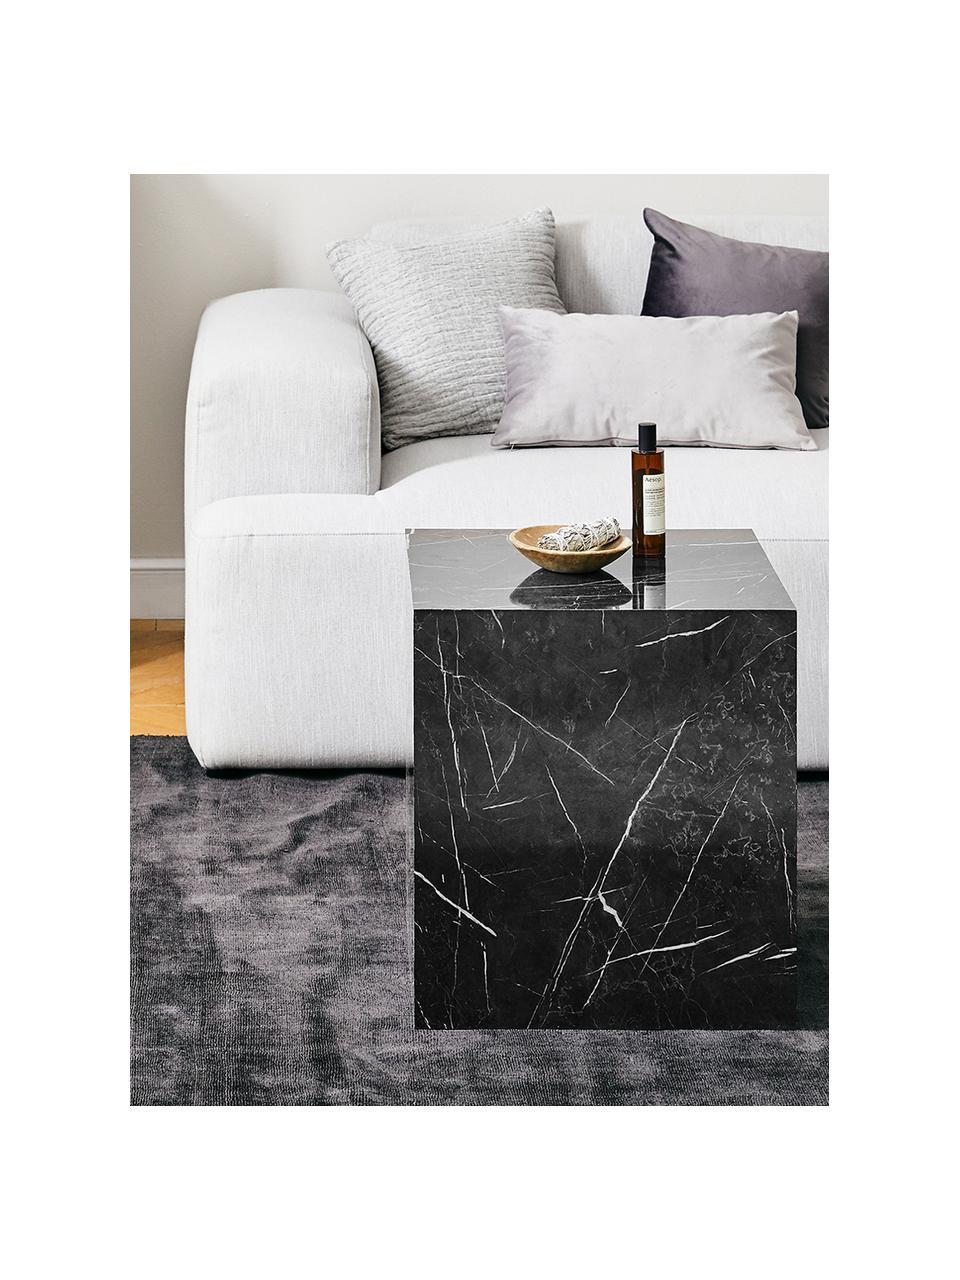 Tavolino quadrato effetto marmo Lesley, Pannello di fibra a media densità (MDF) rivestito con lamina di melamina, Nero effetto marmorizzato, Larg. 45 x Alt. 50 cm